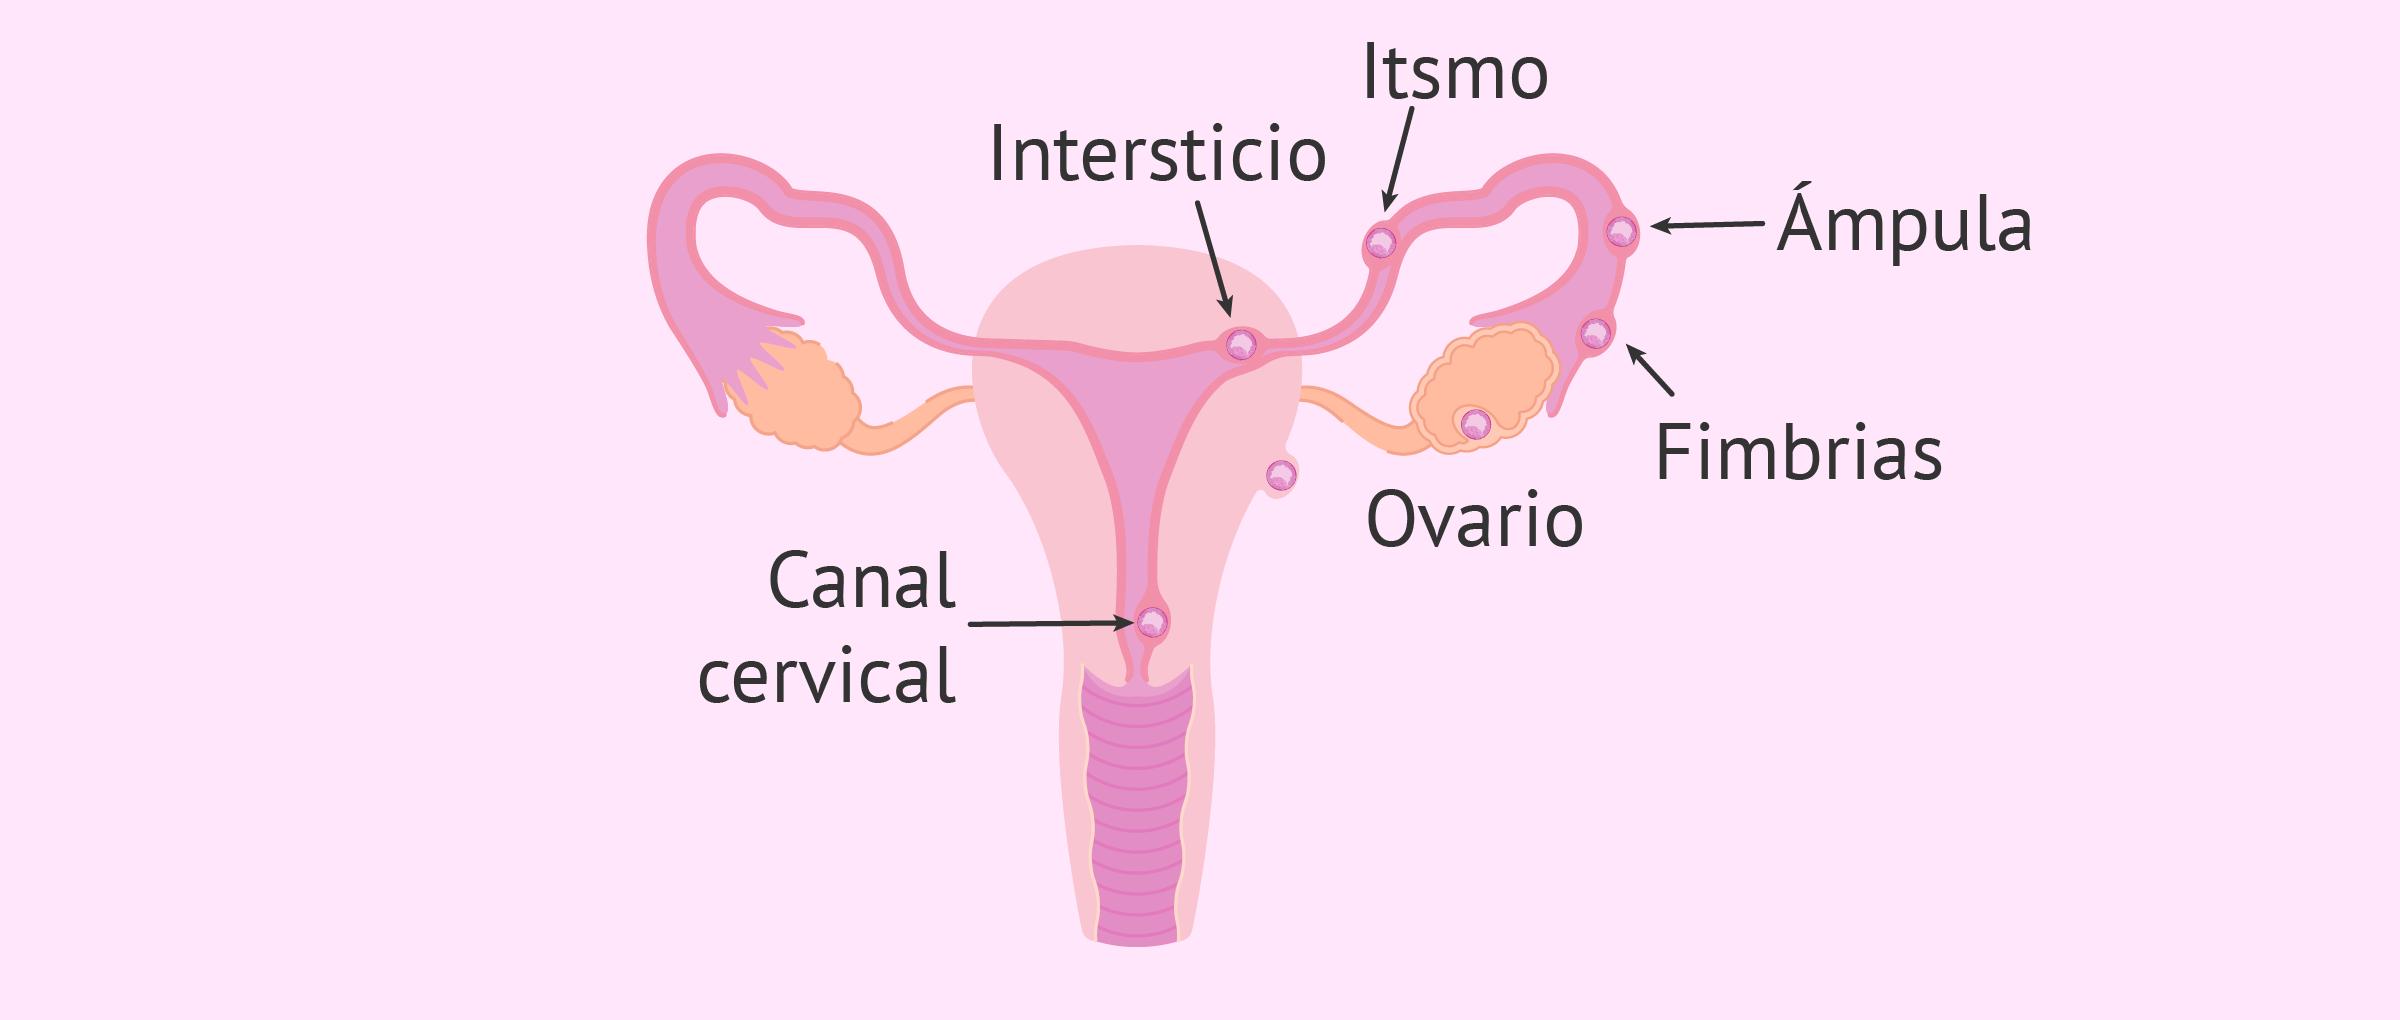 Lugares de implantación del embrión en un embarazo ectópico